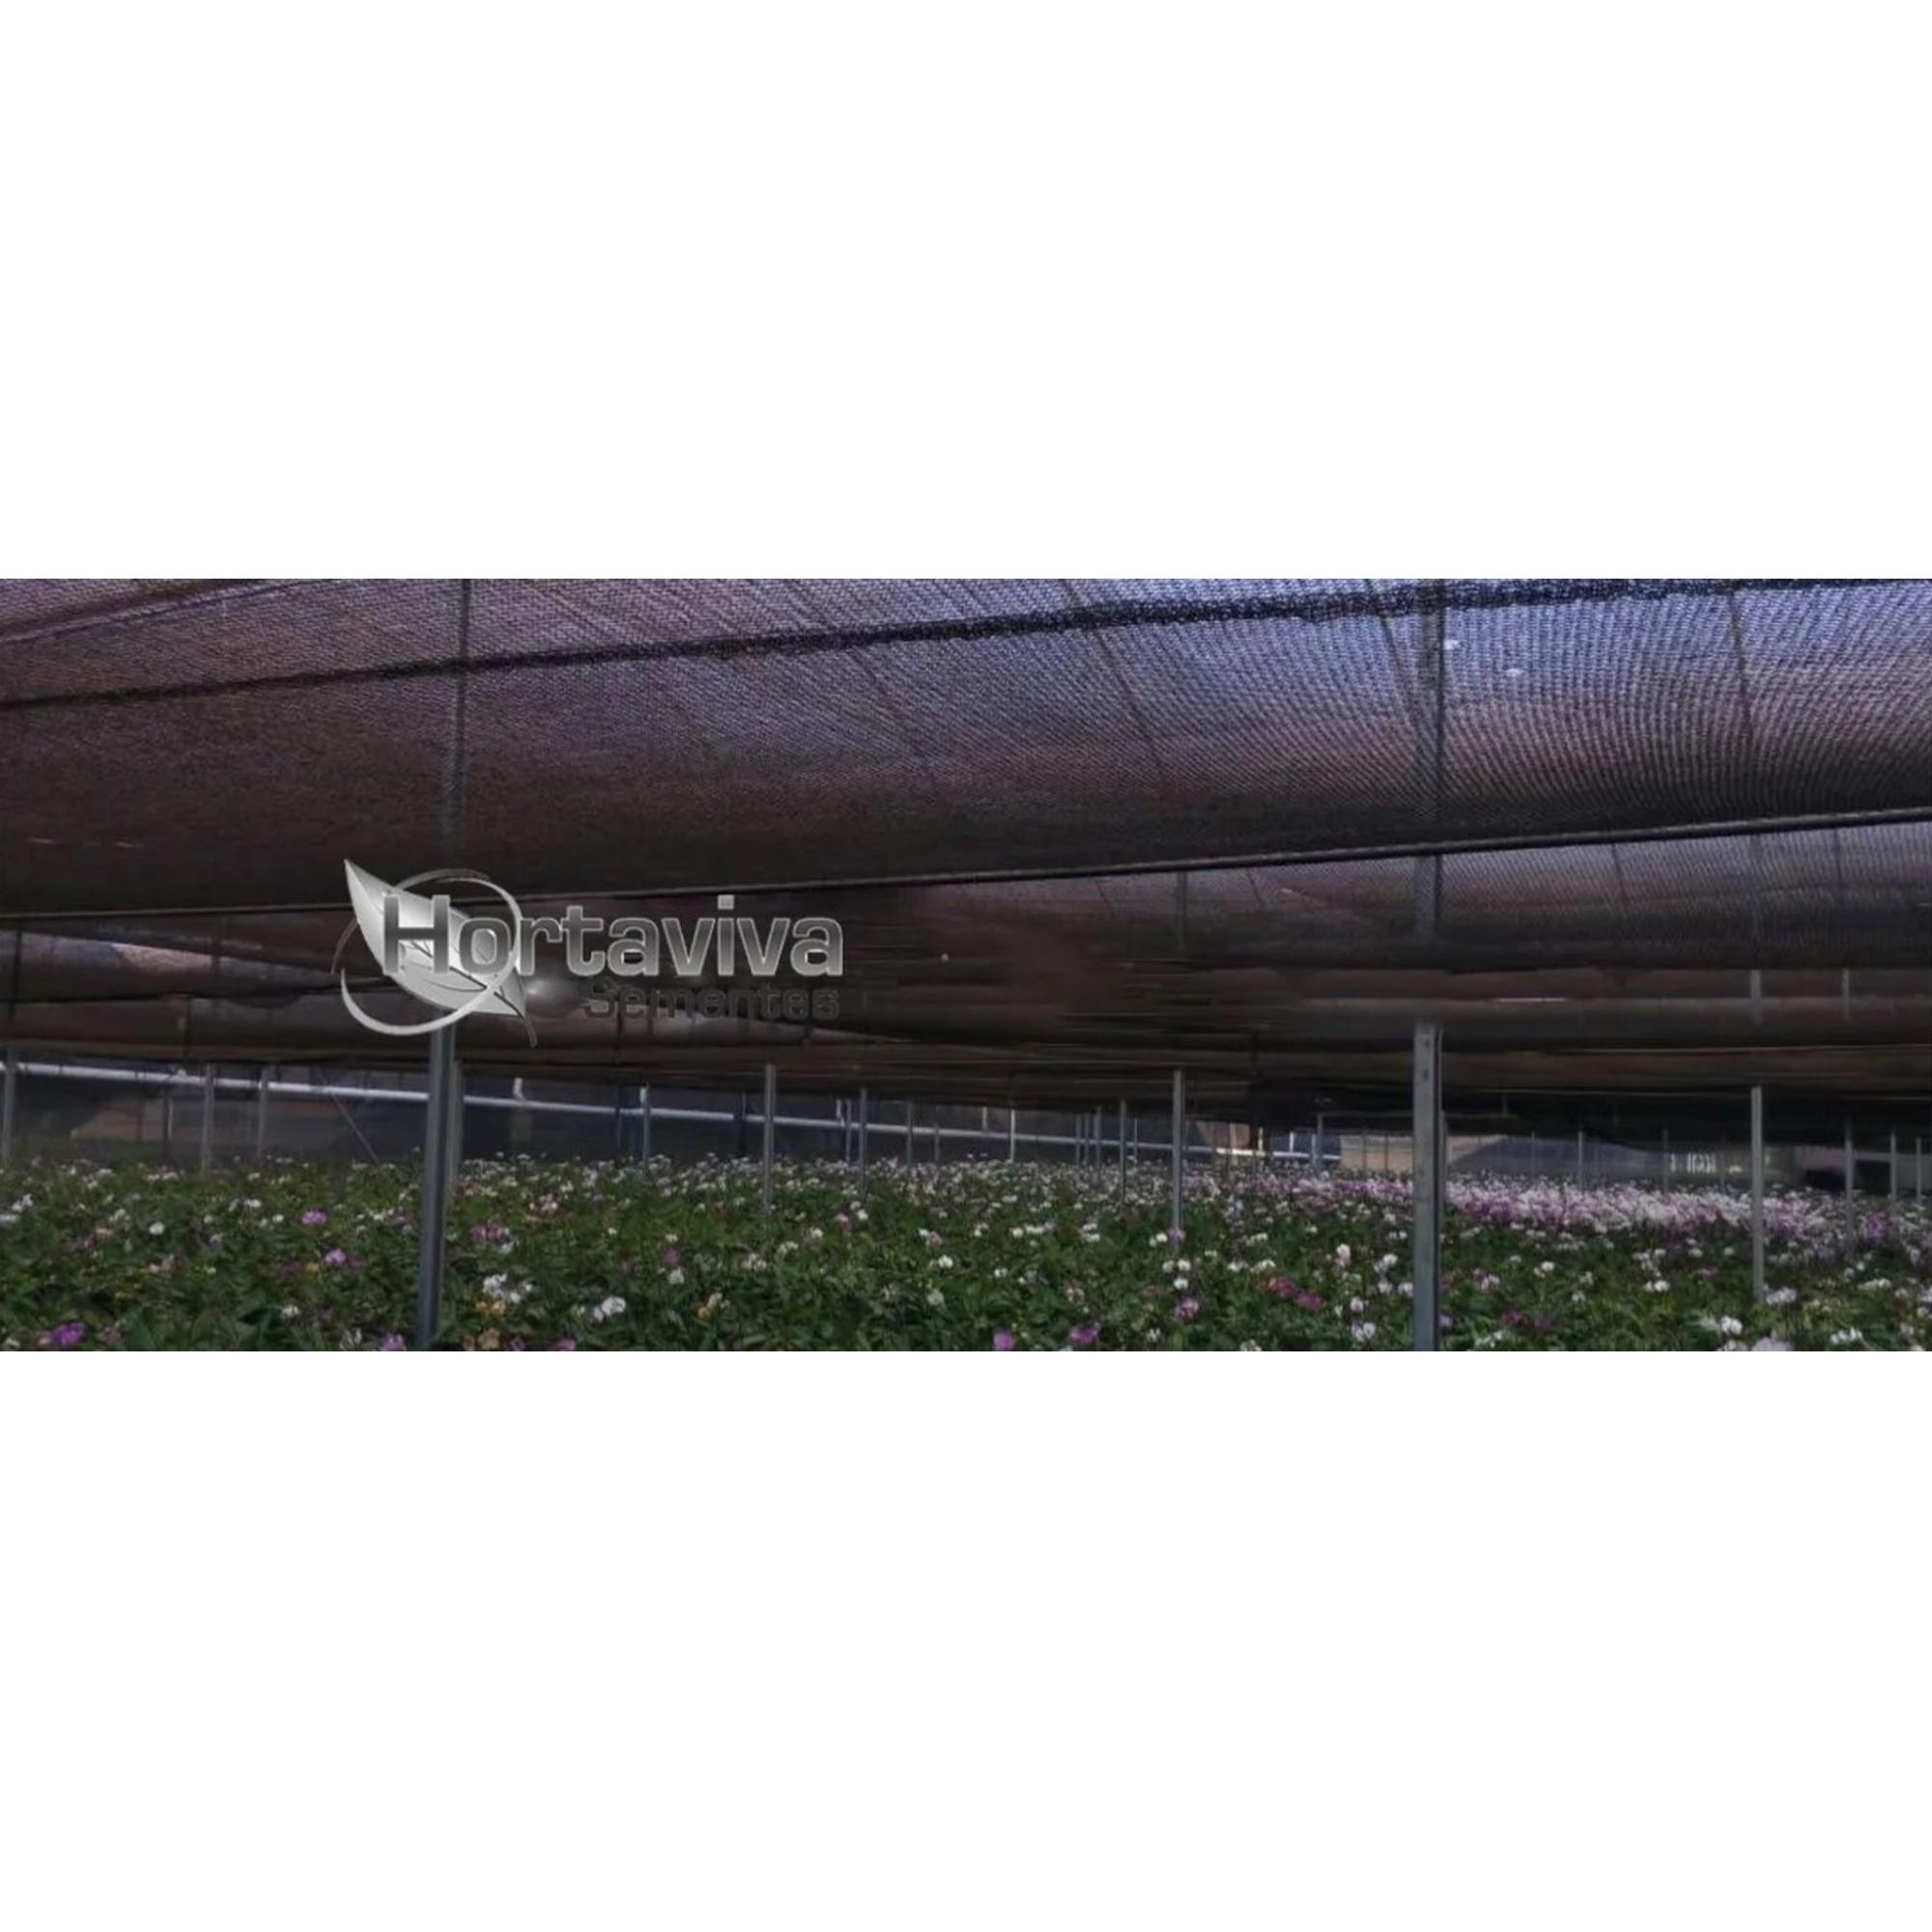 Tela de Sombreamento Preta 50% - 10 Metros x 15 Metros